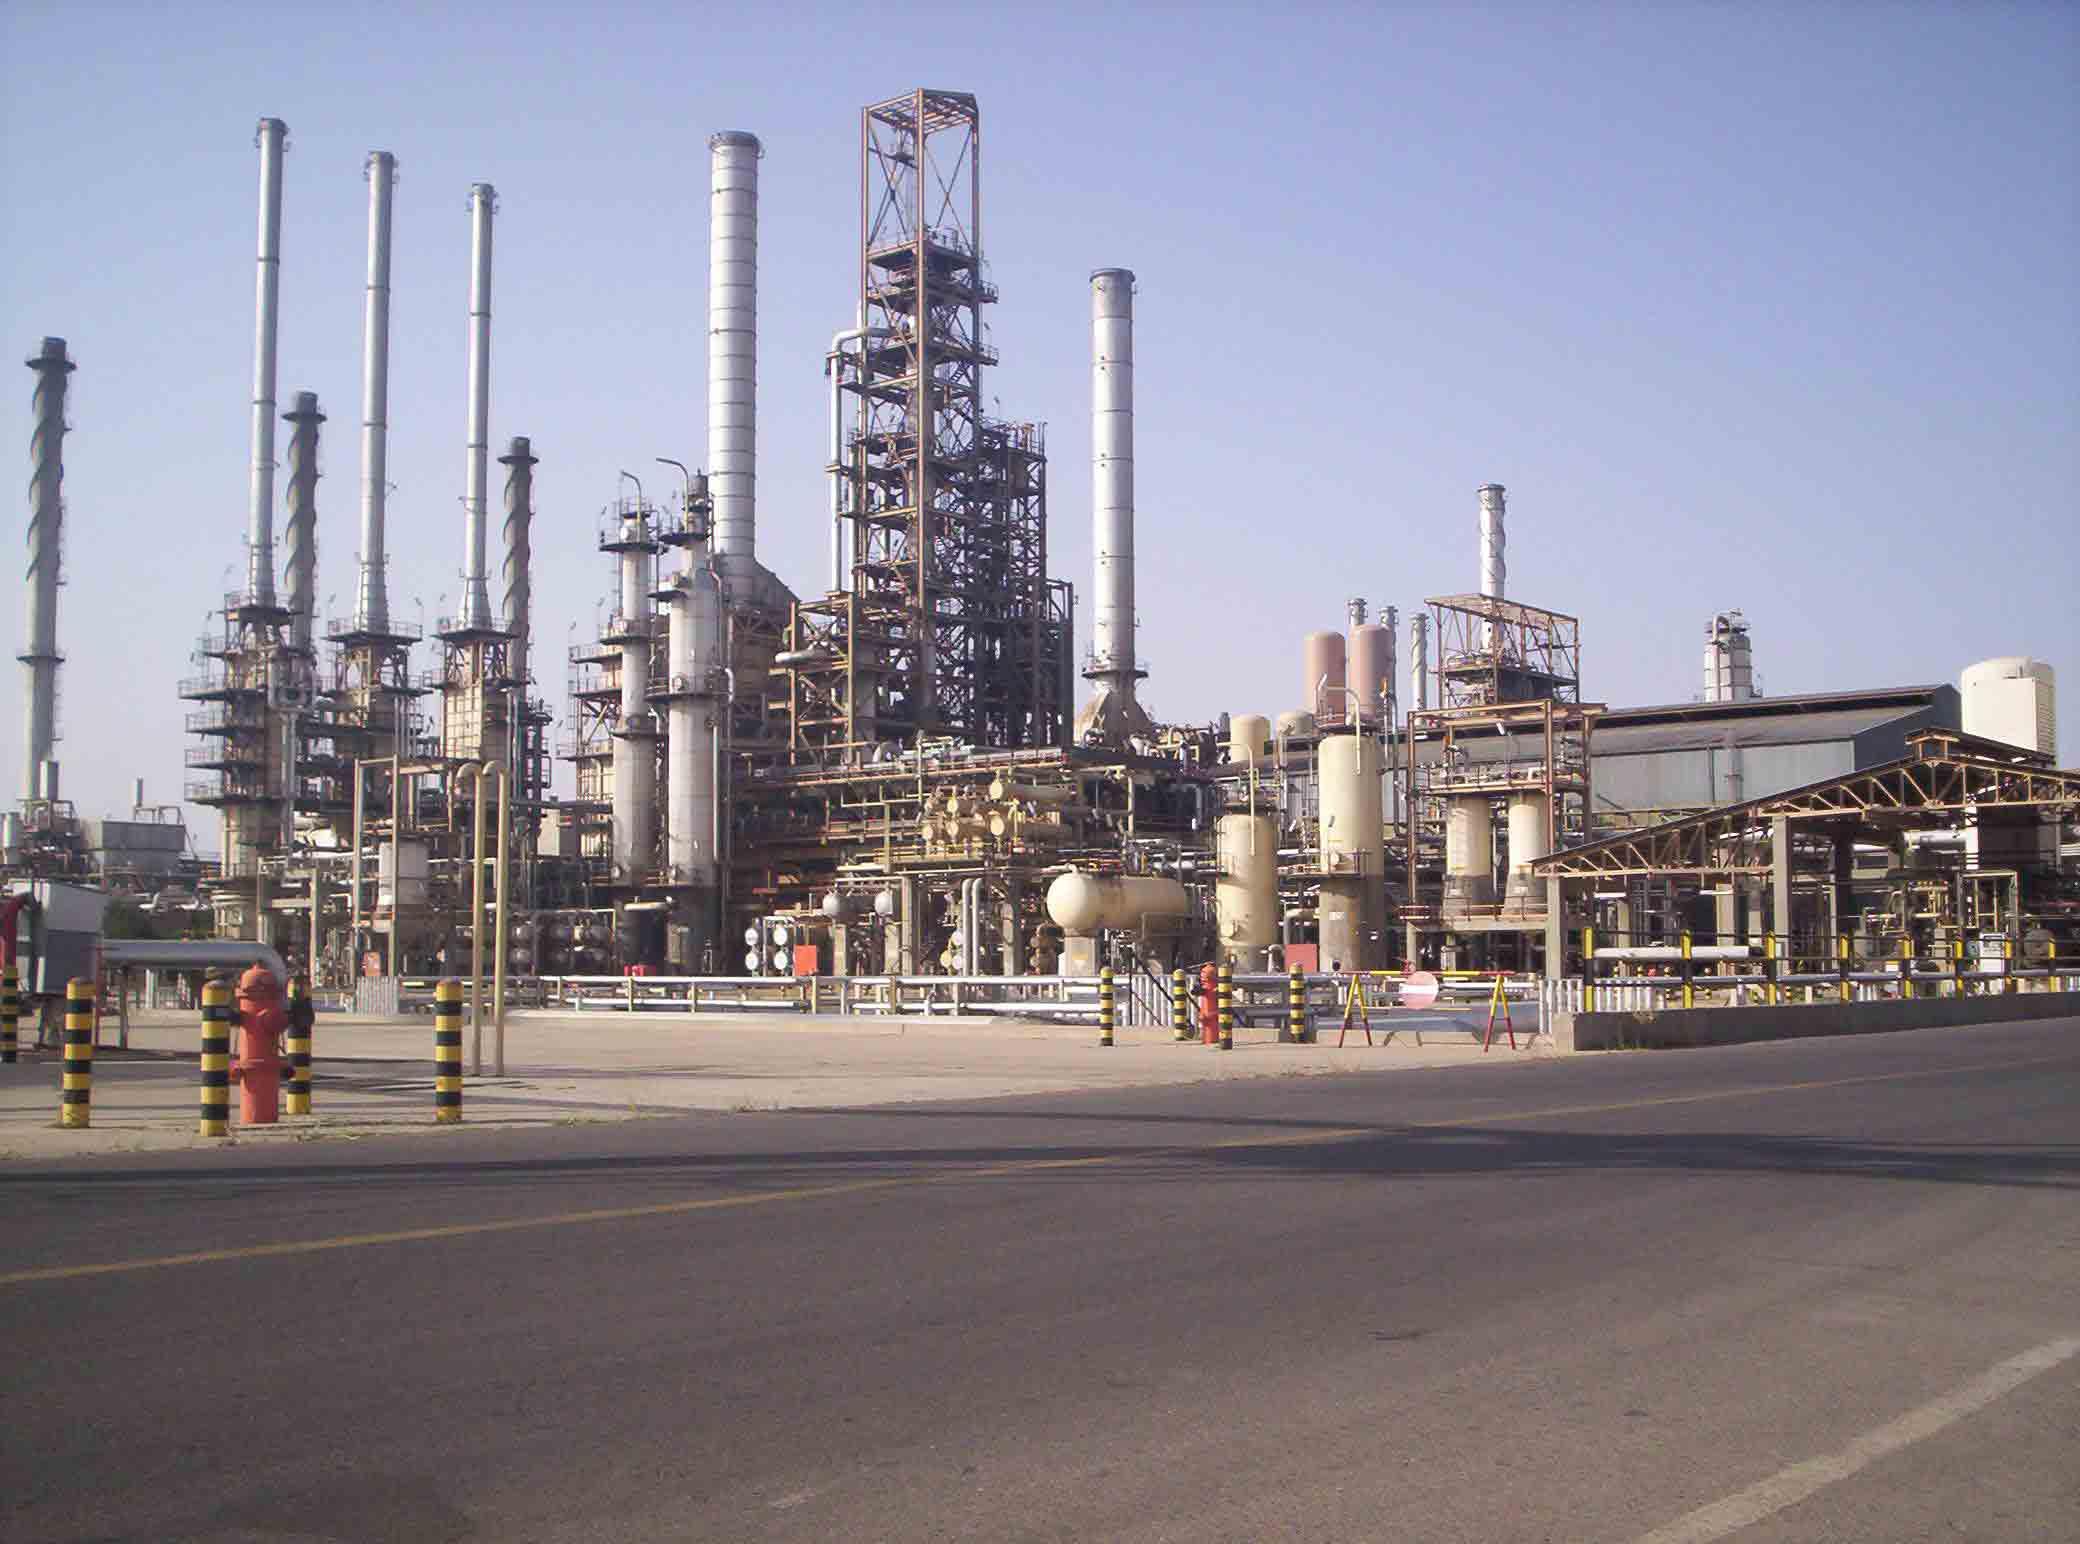 سیاستهای نفتی به سمت پالایشگاهسازی سوق داده شوند